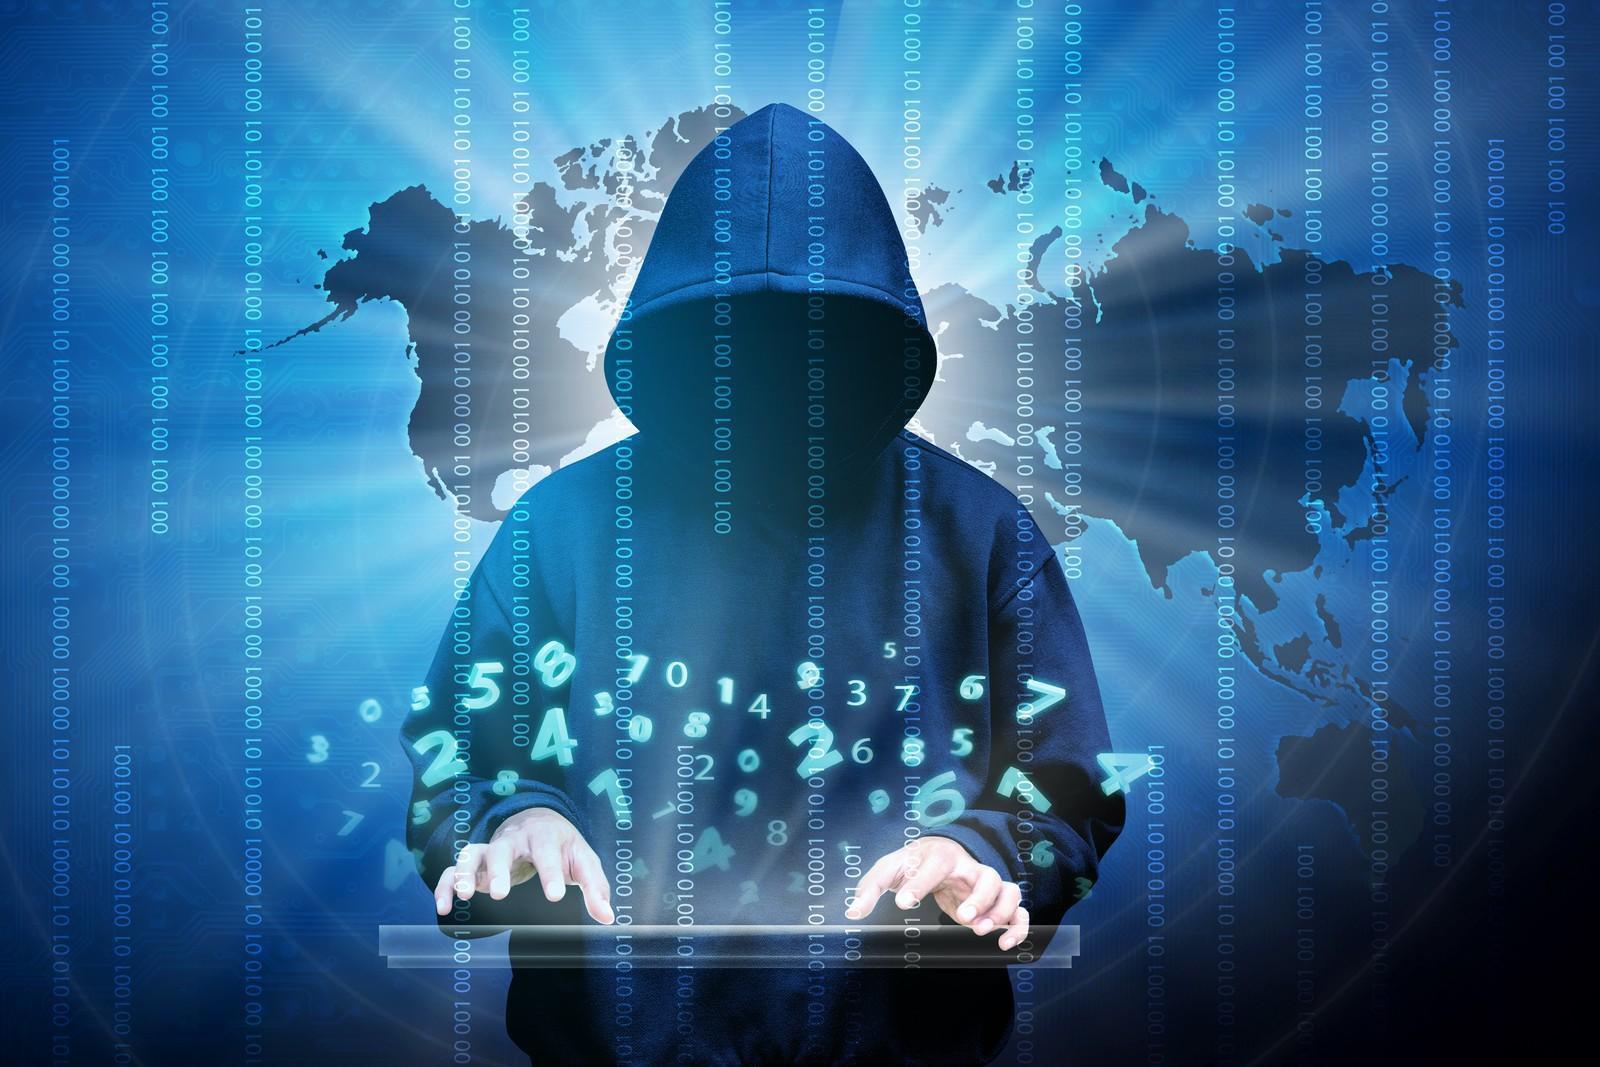 Ein Social-Media-Anbieter aus Baden-Württemberg muss 20.000 Euro zahlen, weil Datenschützer einen DSGVO-Verstoß aufdeckten.